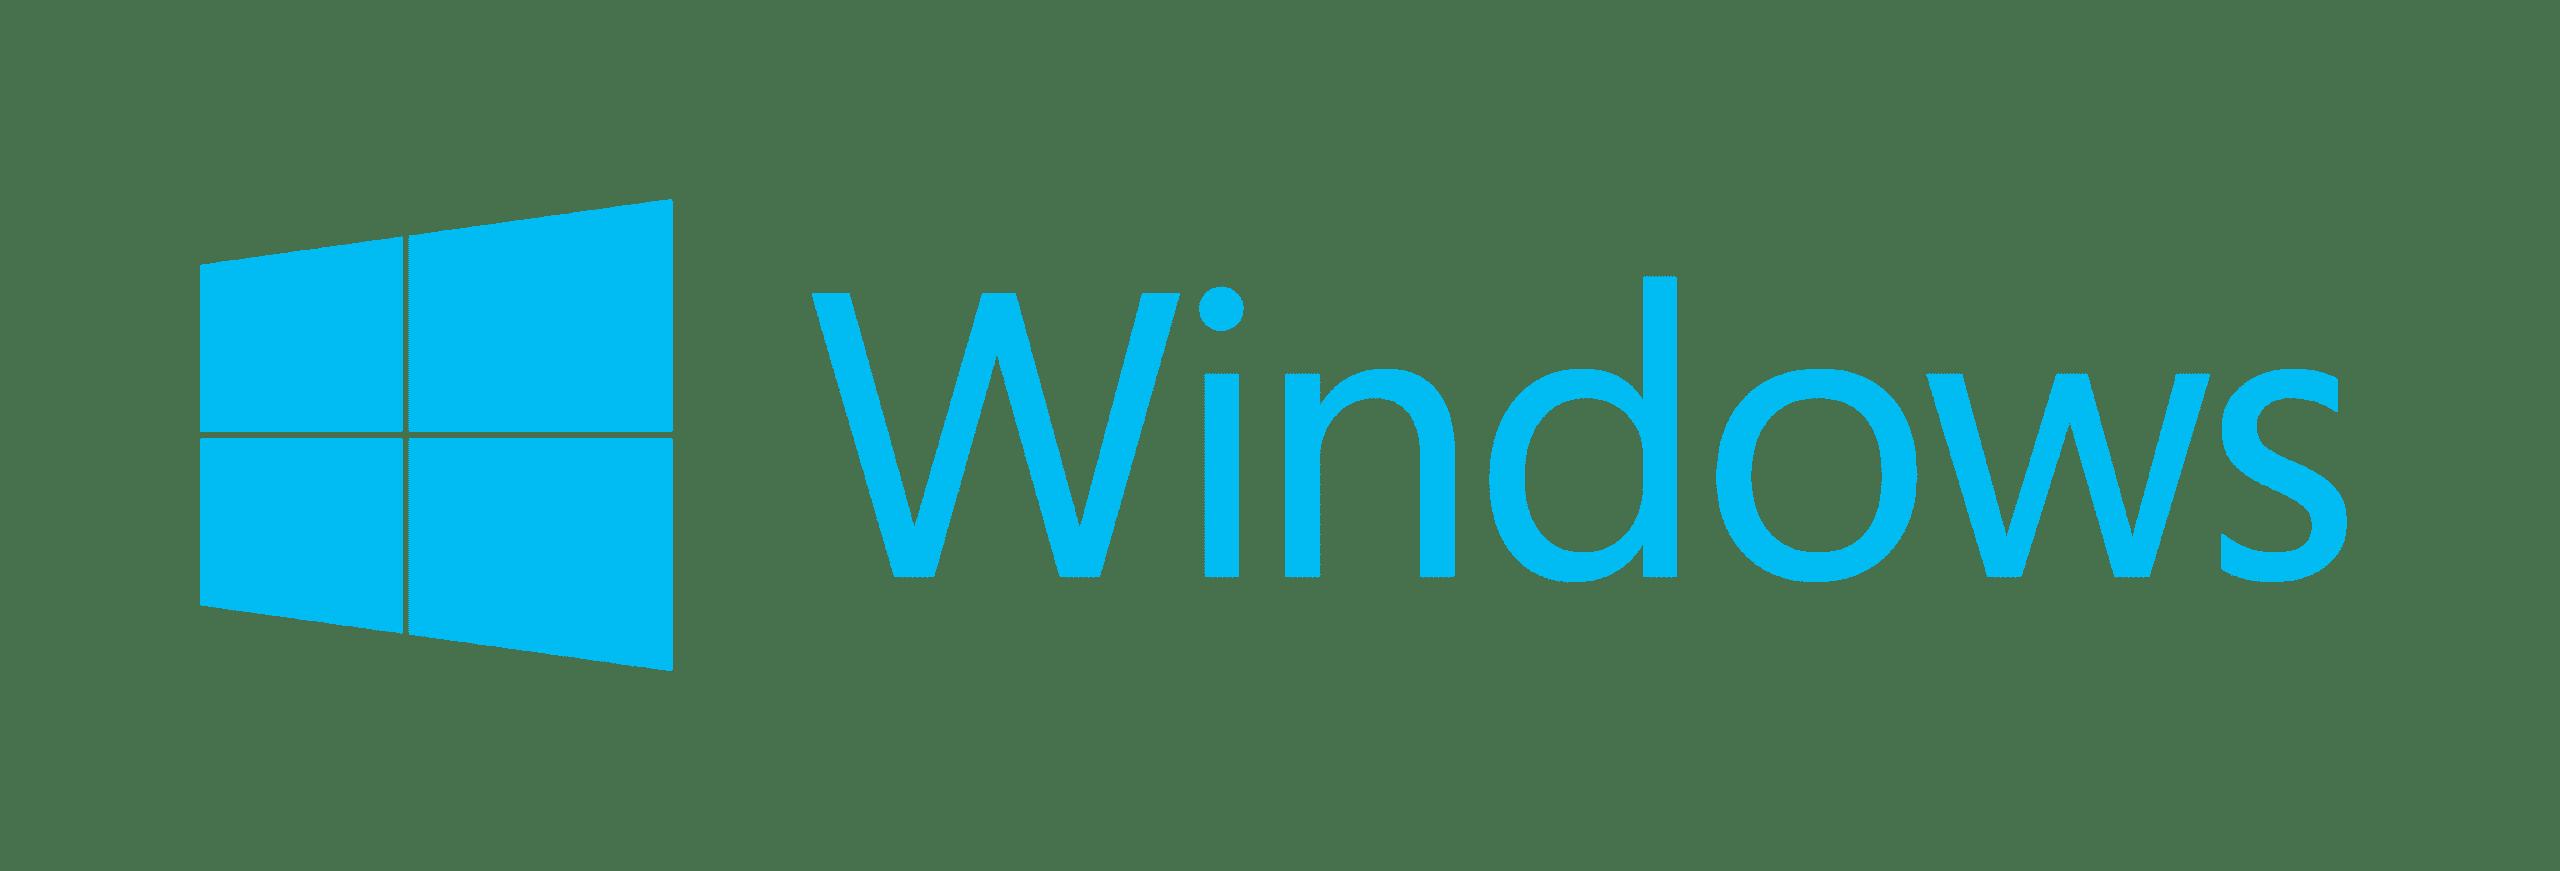 Wird iTunes unter Windows auch abgelöst? Apple sucht erfahrene Windows-Entwickler